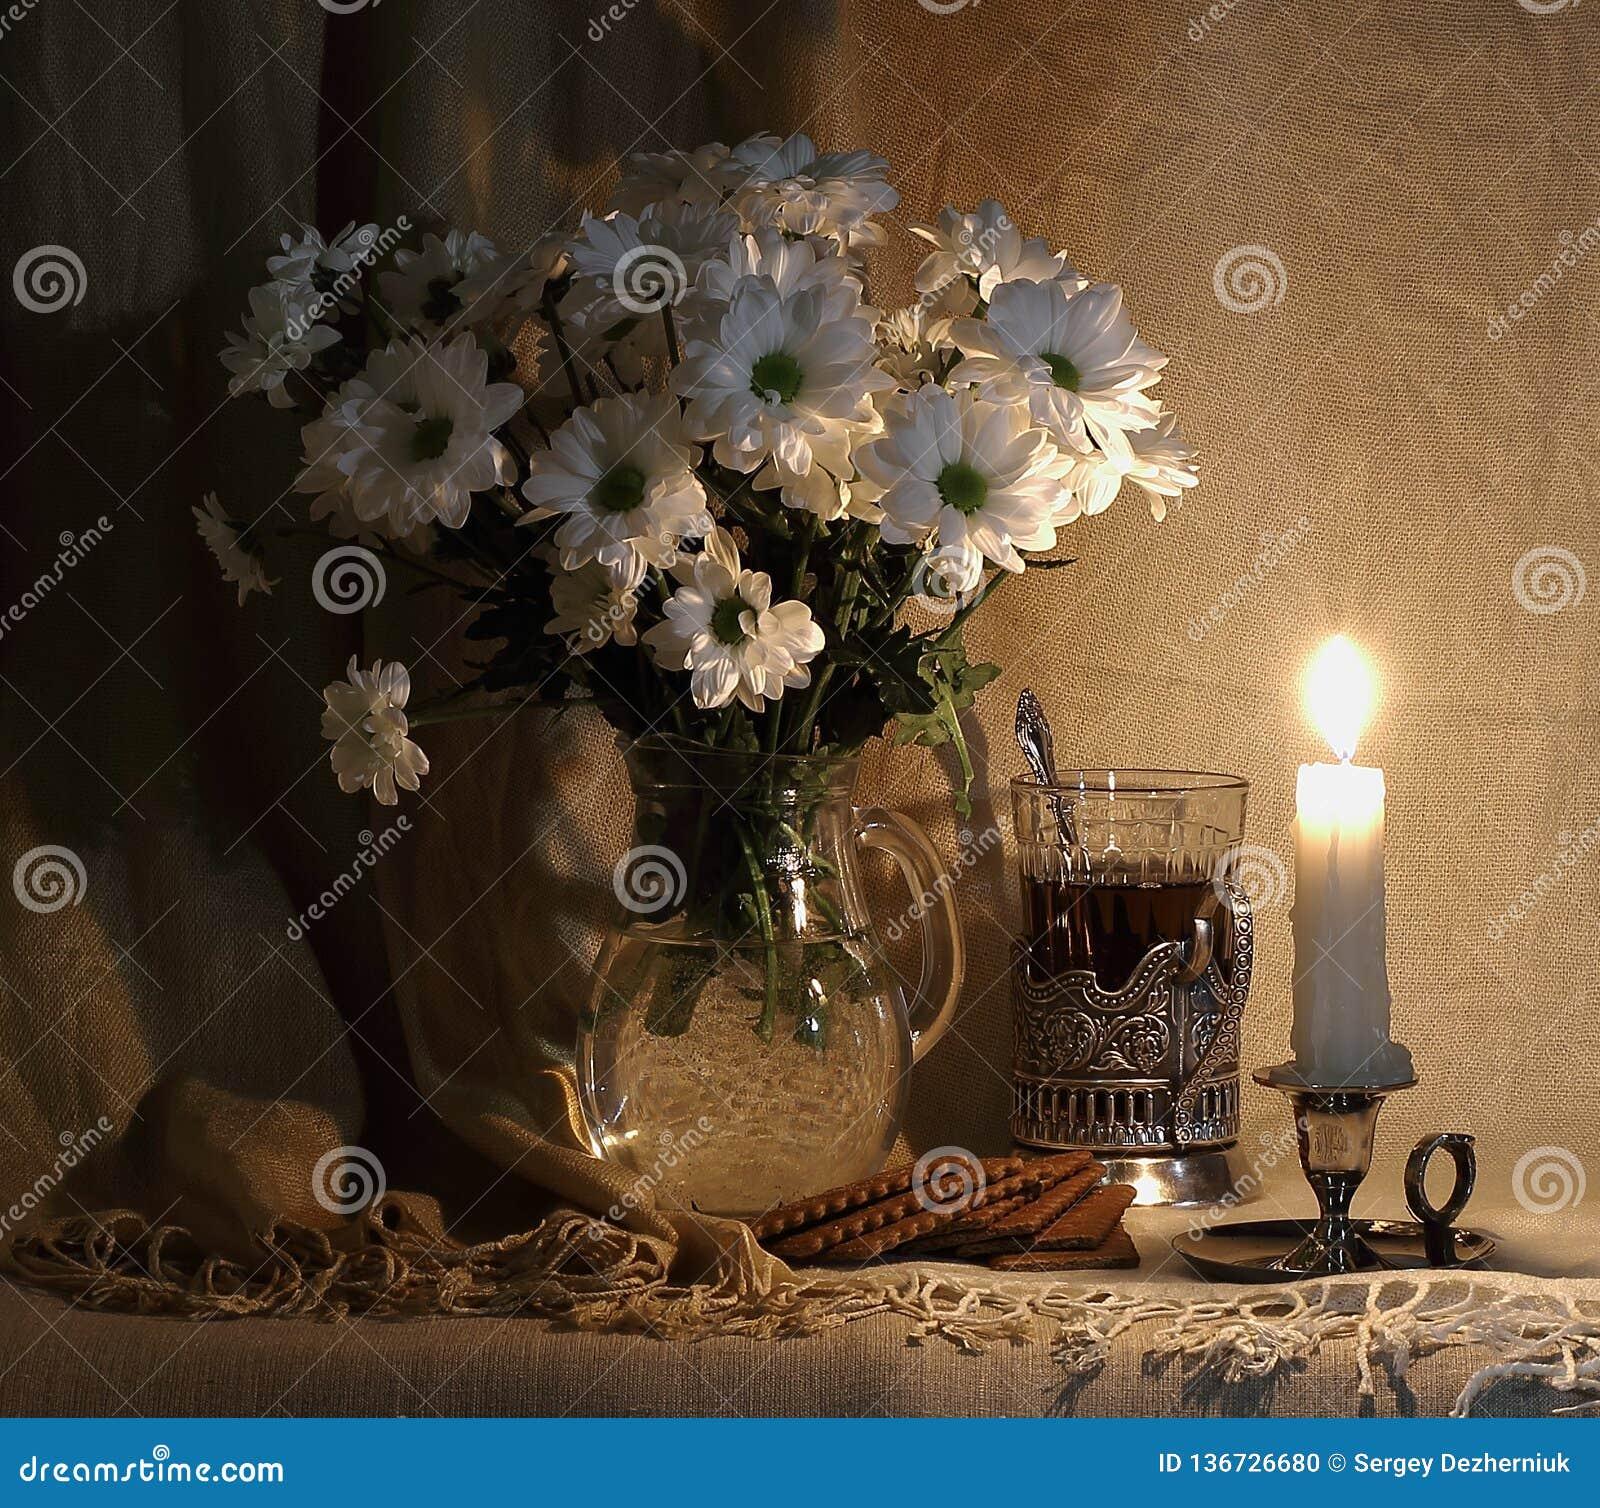 1 ζωή ακόμα άσπρα λουλούδια σε μια καράφα γυαλιού